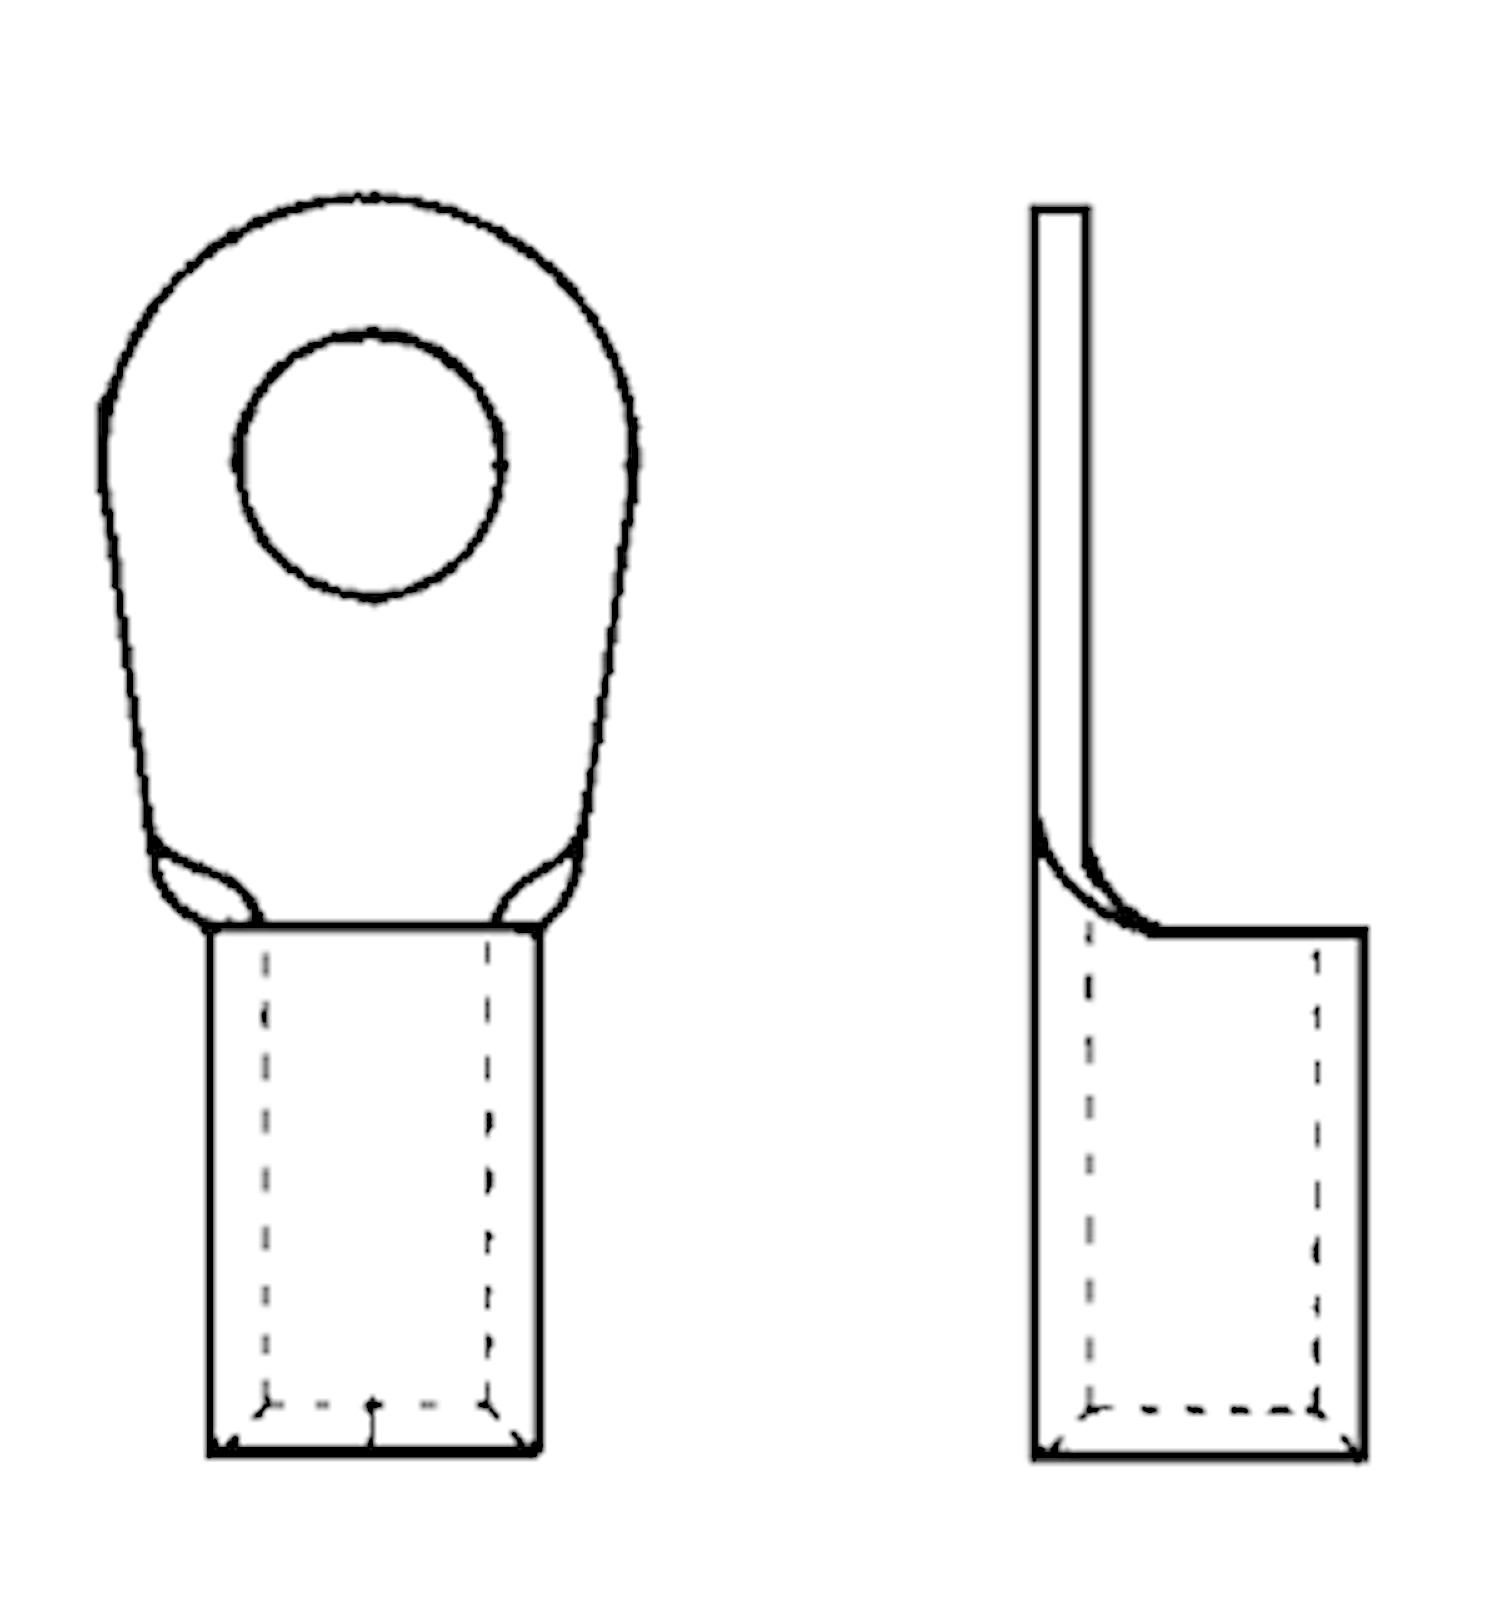 Presskabelsko 8,4mm , 25mm²